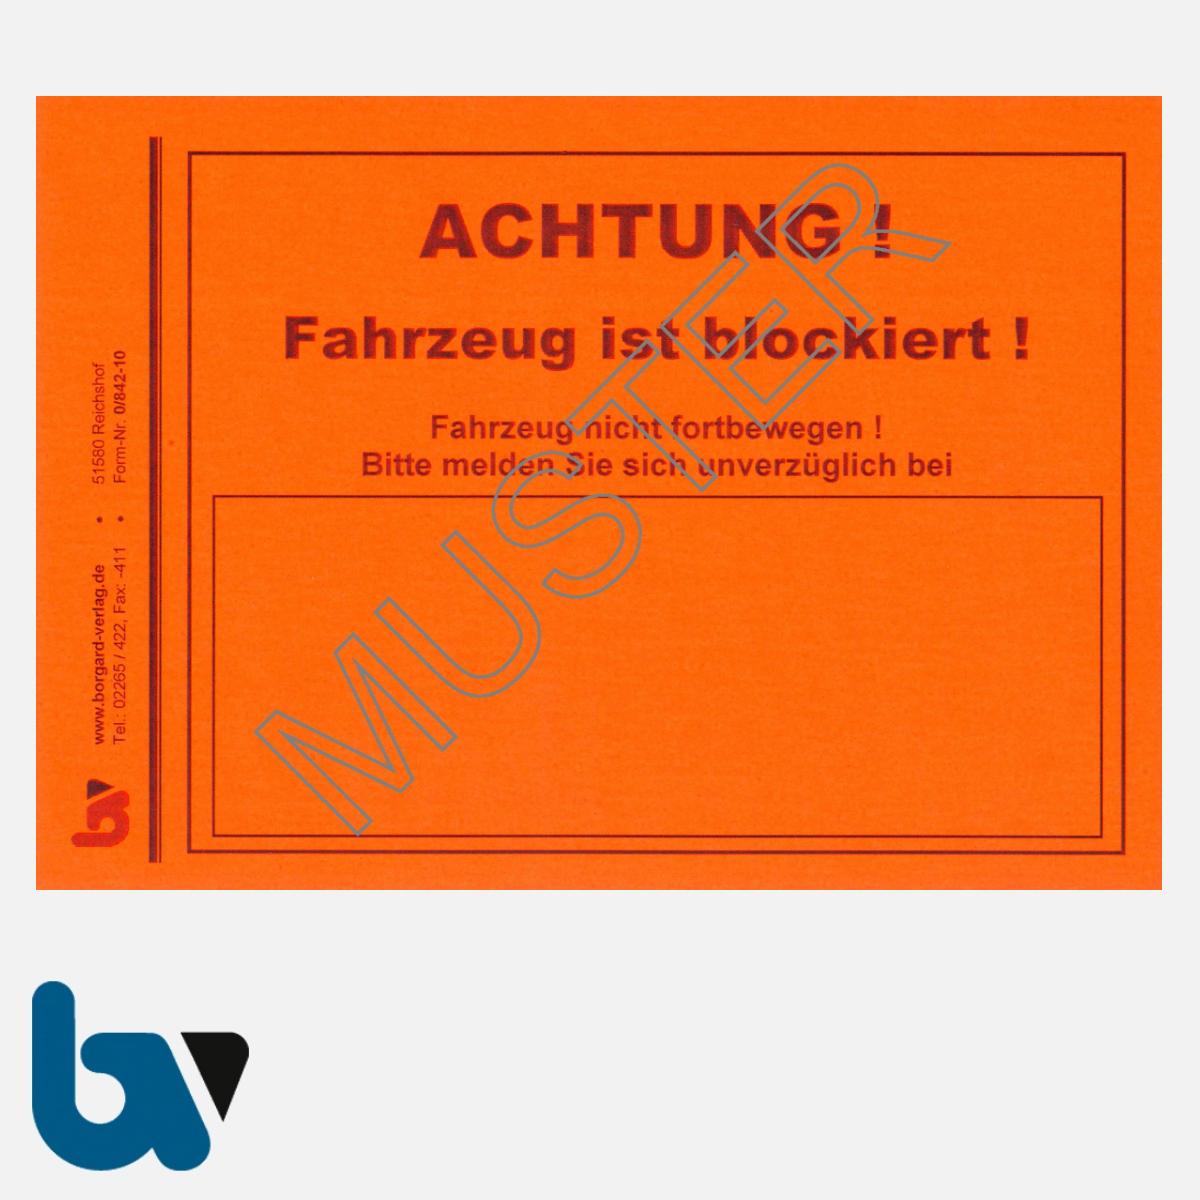 0/842-10 Aufkleber Achtung Fahrzeug blockiert Kfz Blockierung Vollstreckung Pfändung Parkkralle Ventilwächter leucht-rot selbstklebend DIN A6   Borgard Verlag GmbH